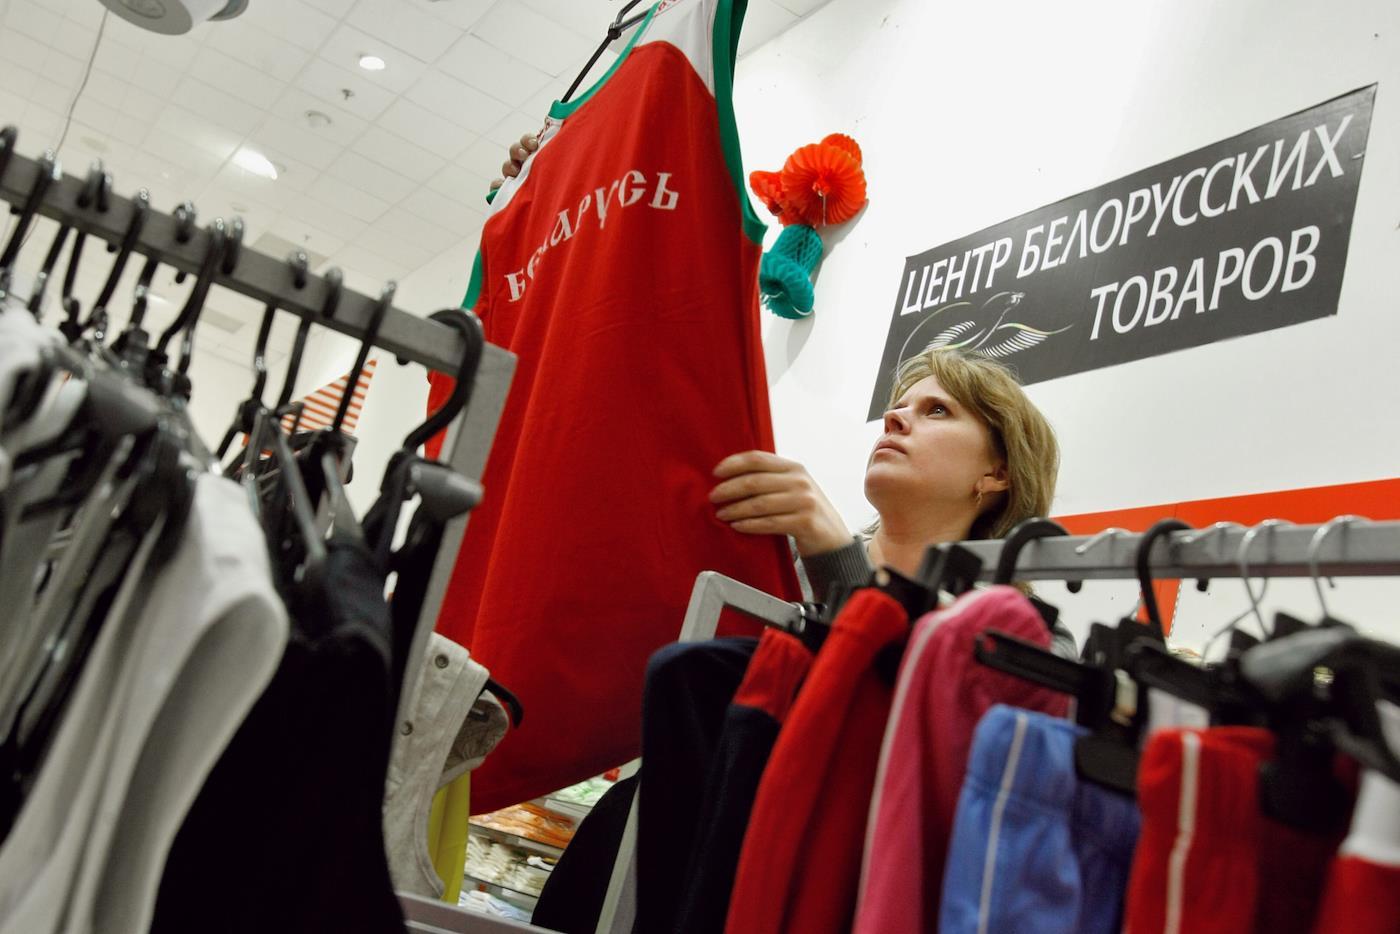 автор фотоЮрий Мартьянов/«Коммерсантъ»